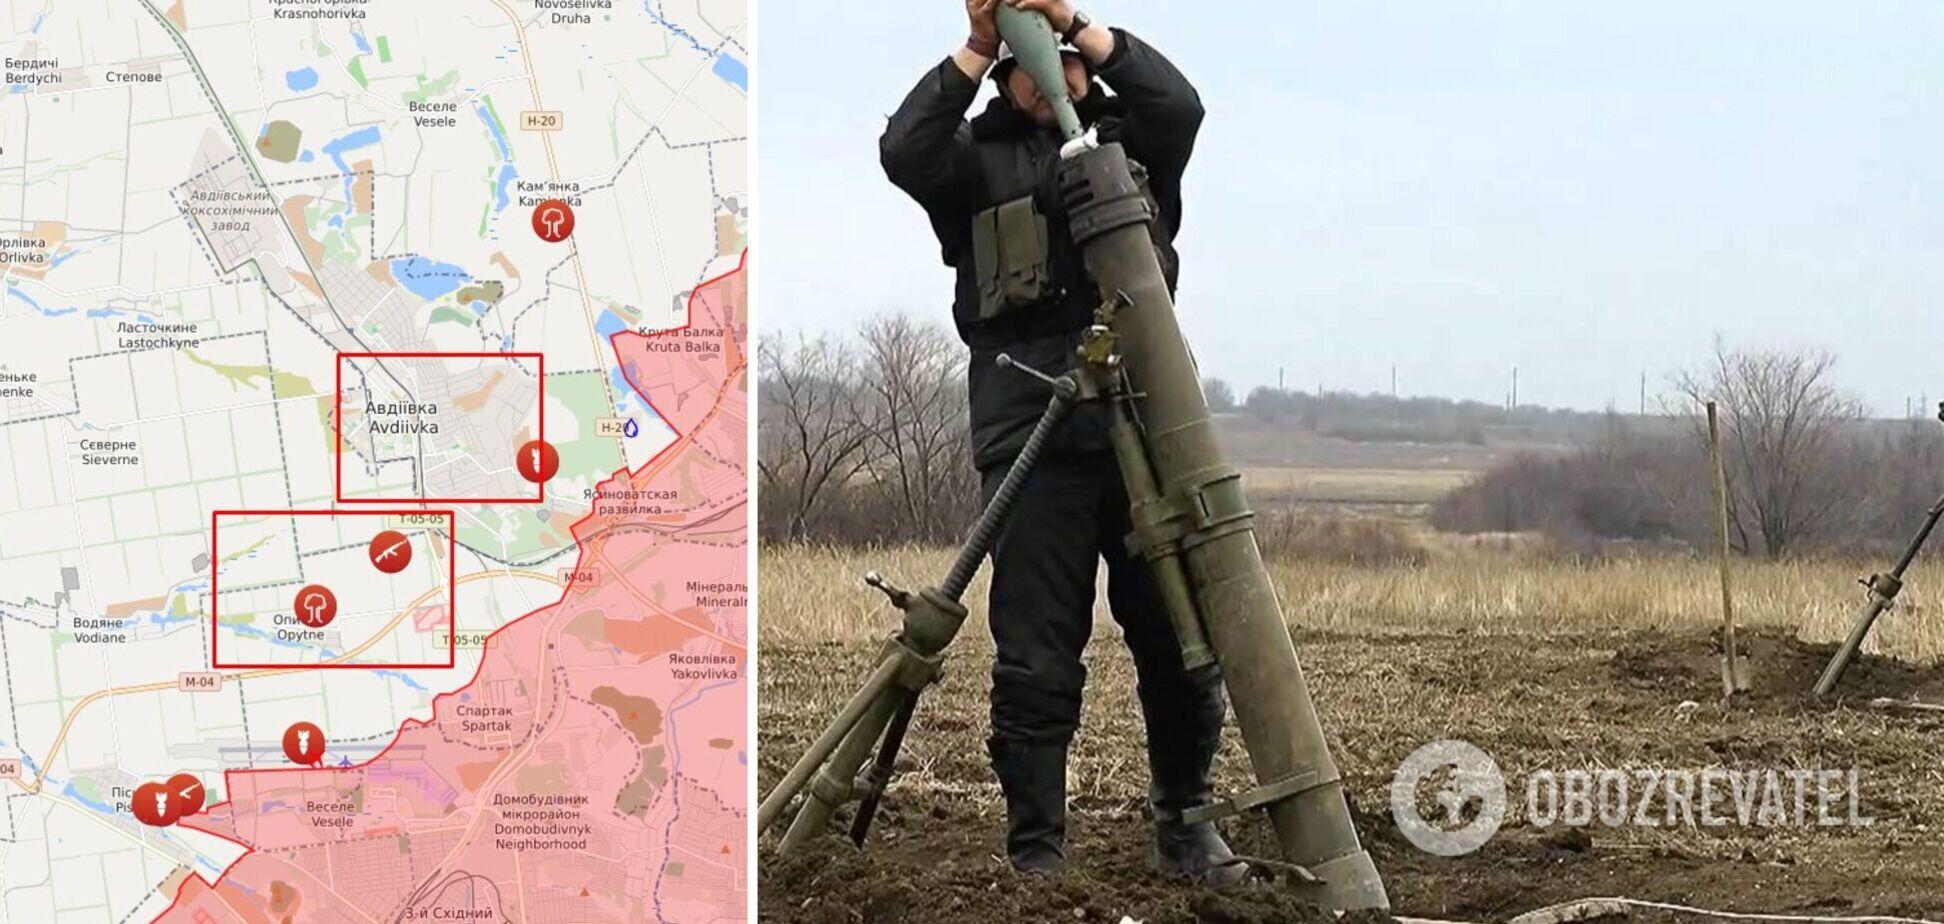 Найманці РФ на Донбасі відкрили артилерійський вогонь по ЗСУ і отримали відповідь. Карта